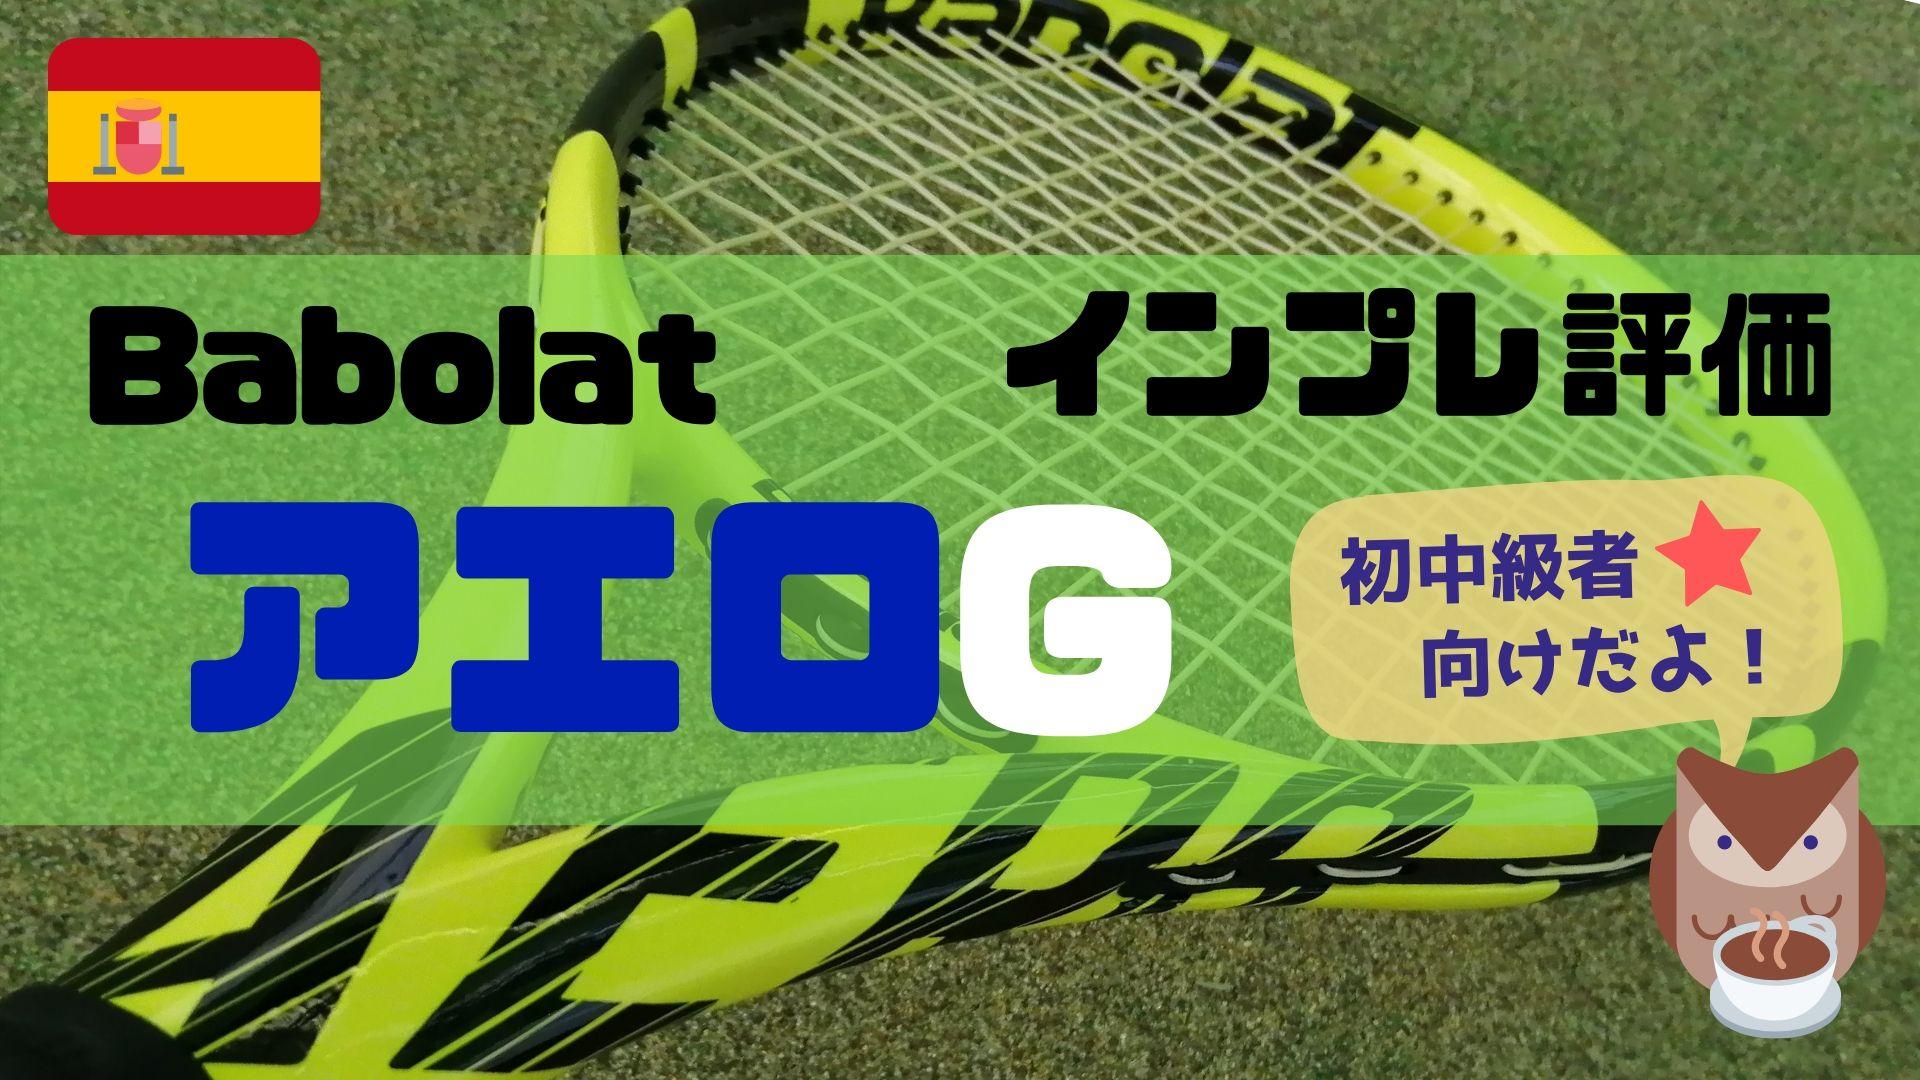 バボラ アエロG 【インプレ・評価】Babolat AERO G